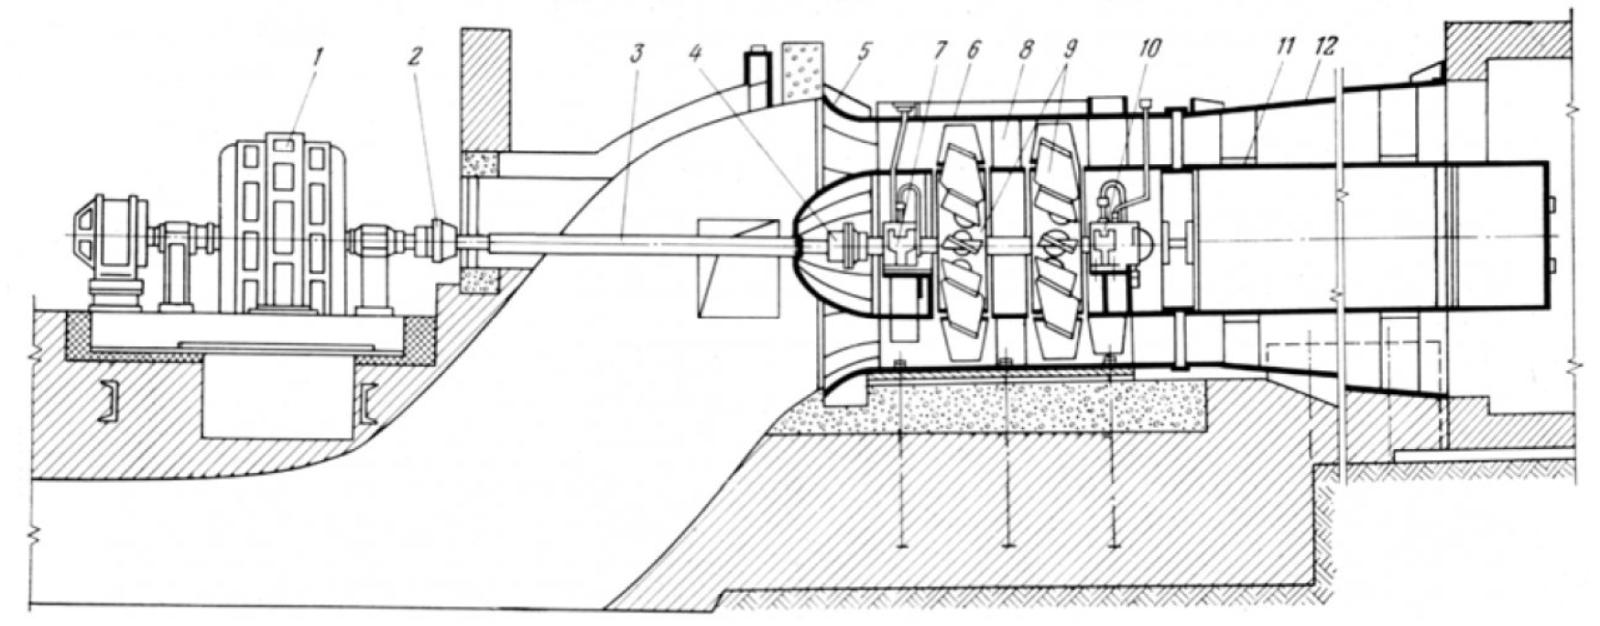 Рисунок 1 – Вентиляторная установка главного проветривания с осевым вентилятором